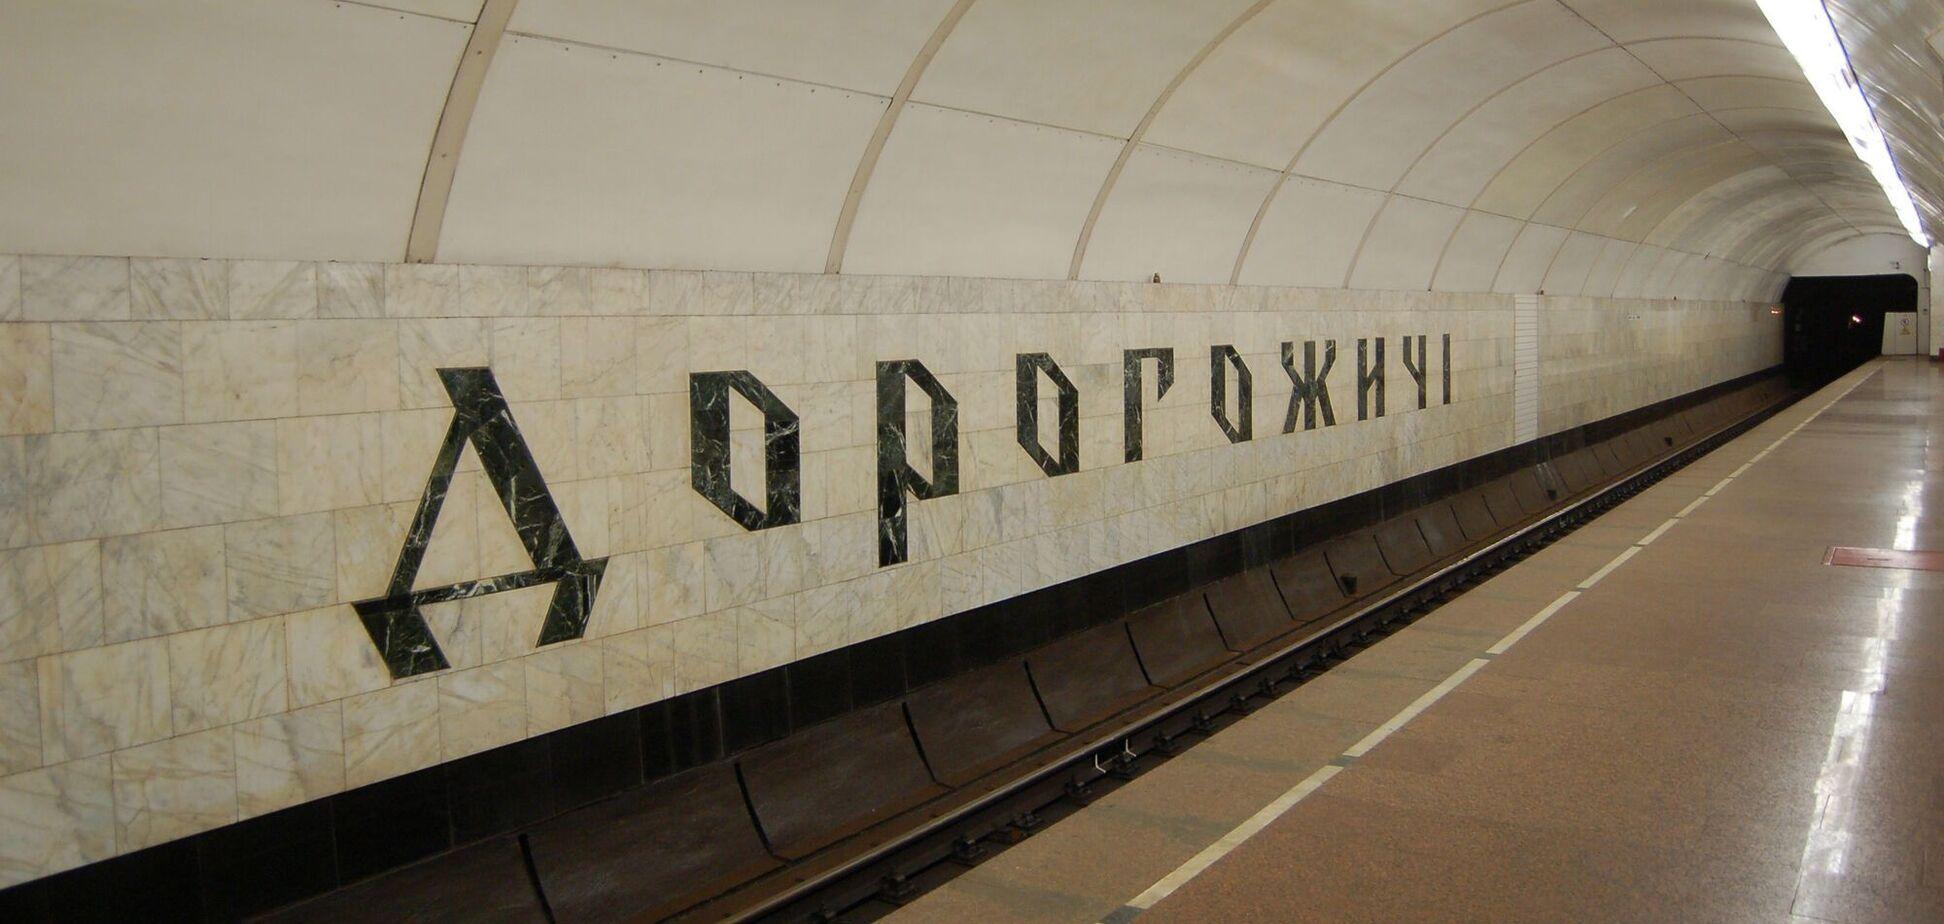 Станцию открыли для посетителей в марте 2000 года